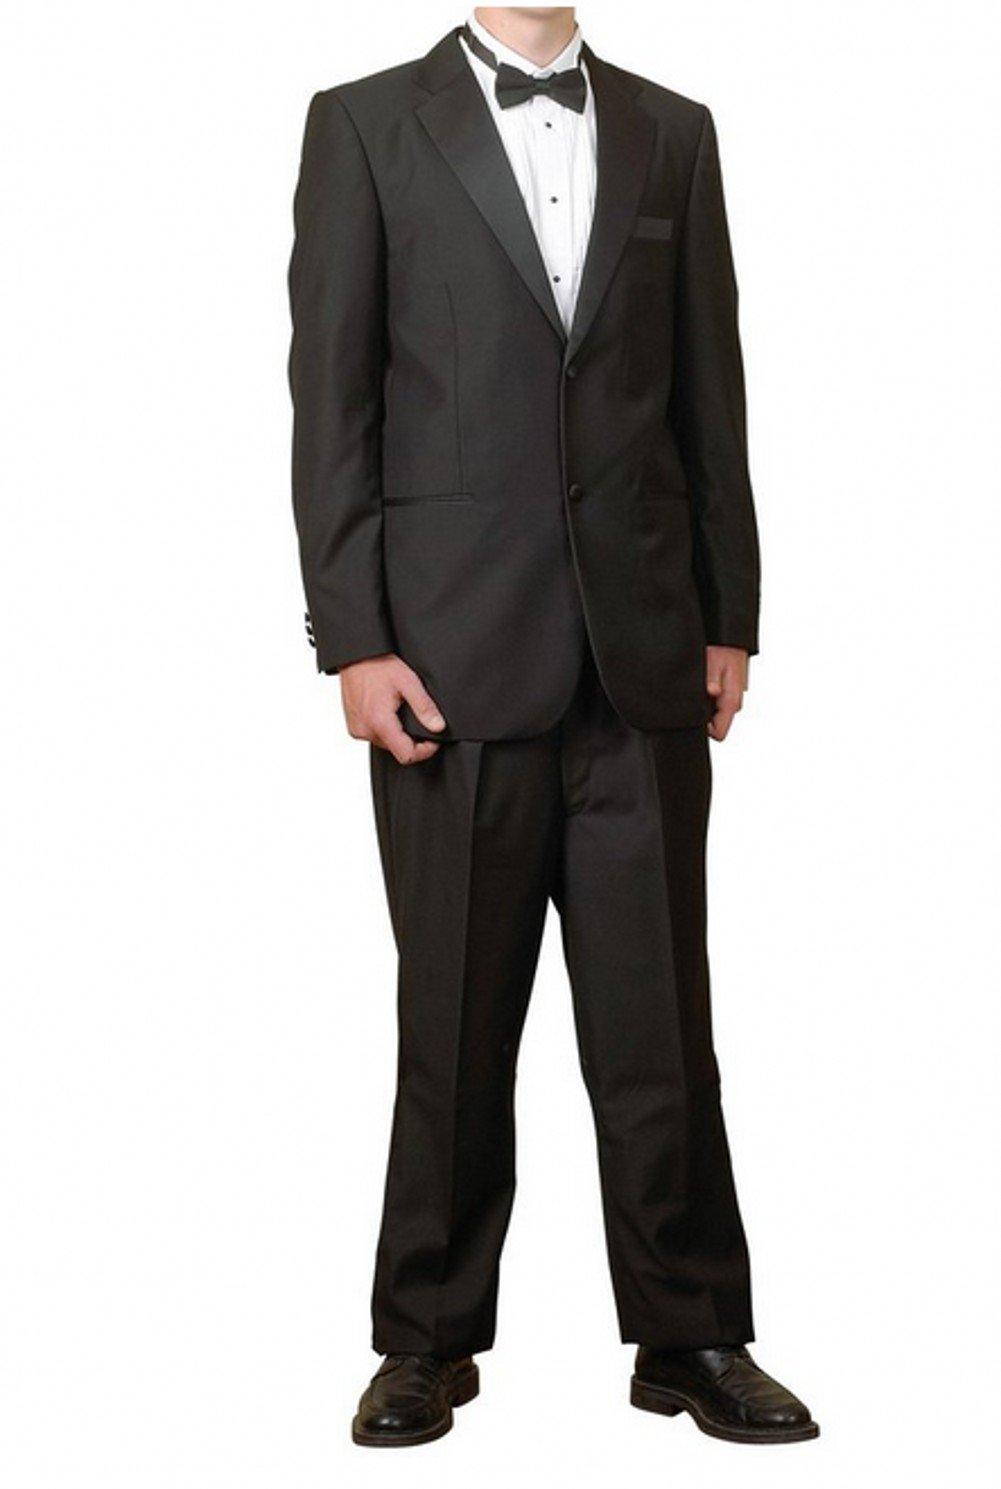 New Mens 2 Button Black Tuxedo Suit - Includes Jacket and Pants XXXXXXL